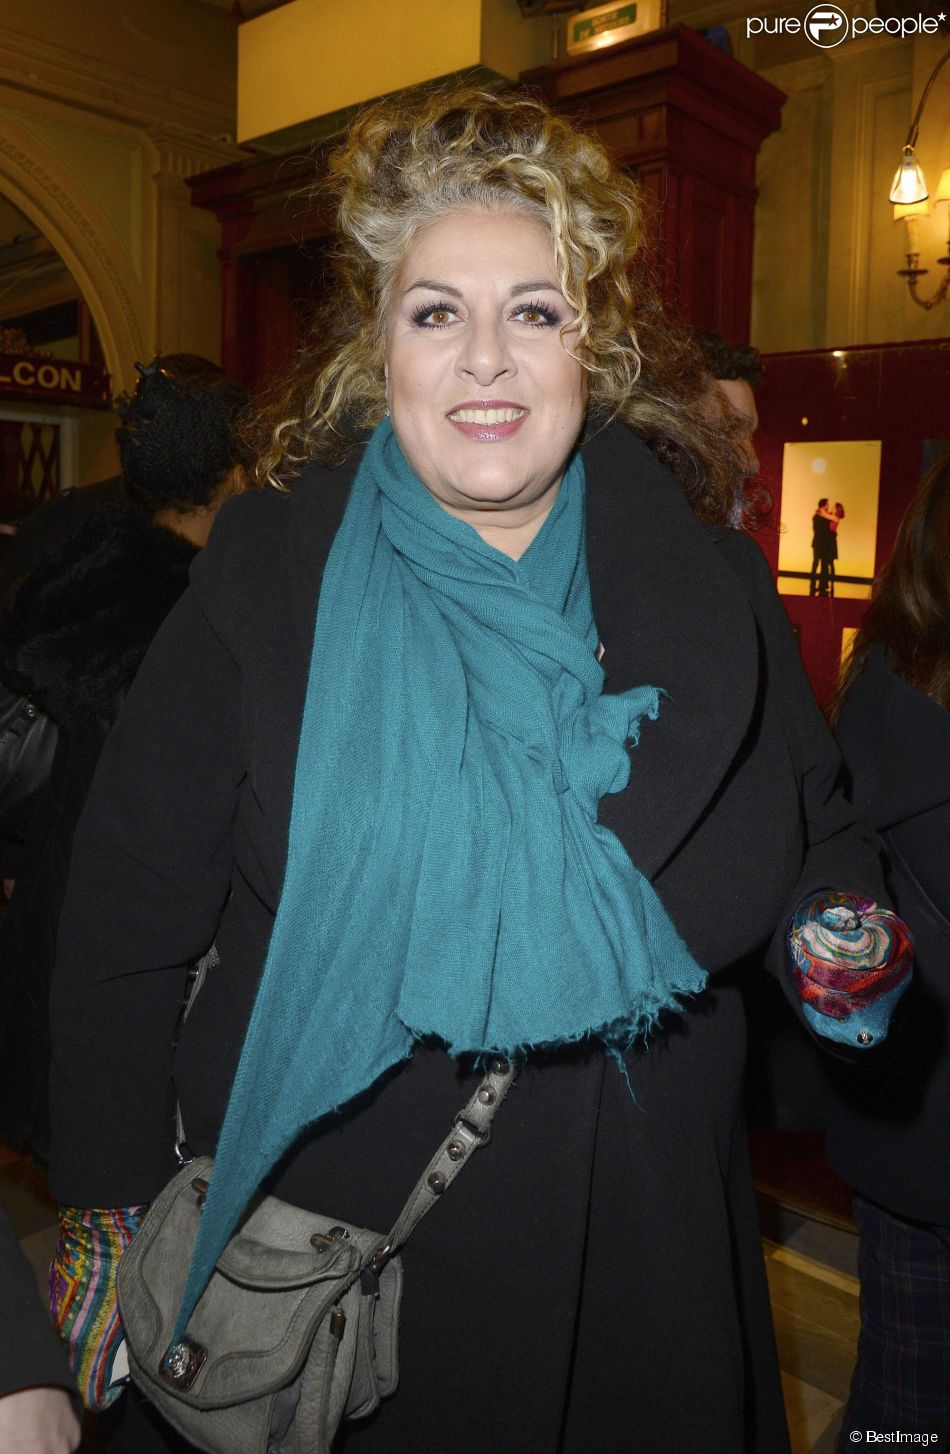 Marianne James - Générale de la pièce  La porte à côté  au Théâtre Édouard VII à Paris, le 10 fevrier 2014.